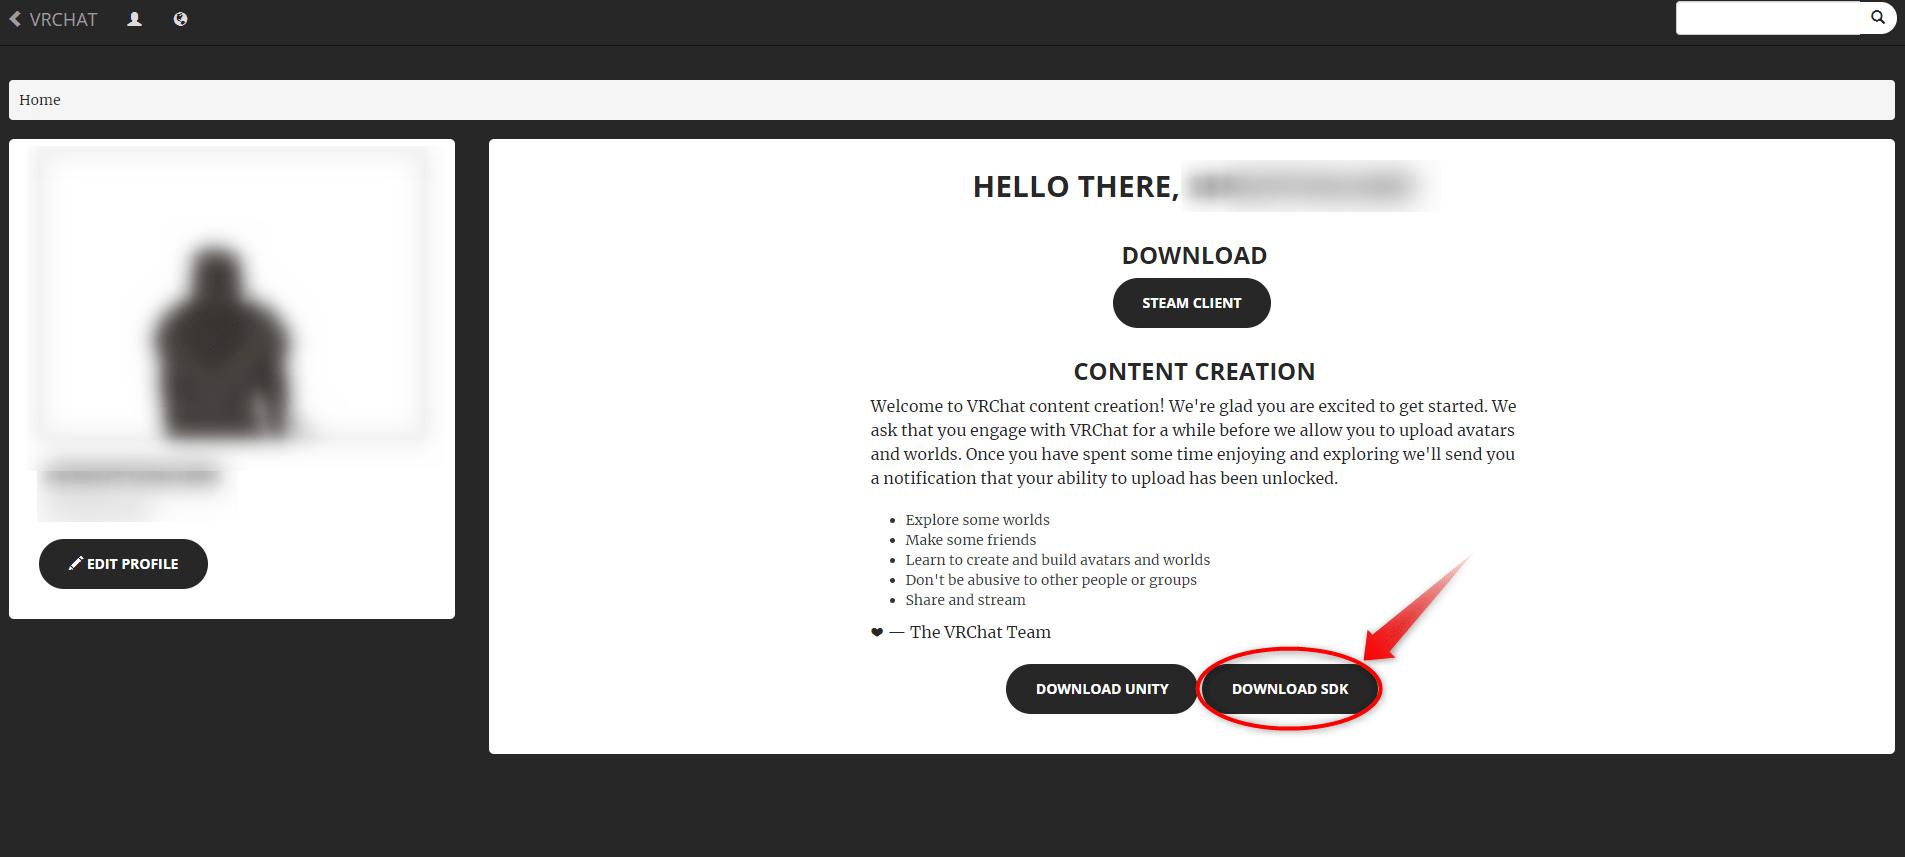 VRChatのログイン画面